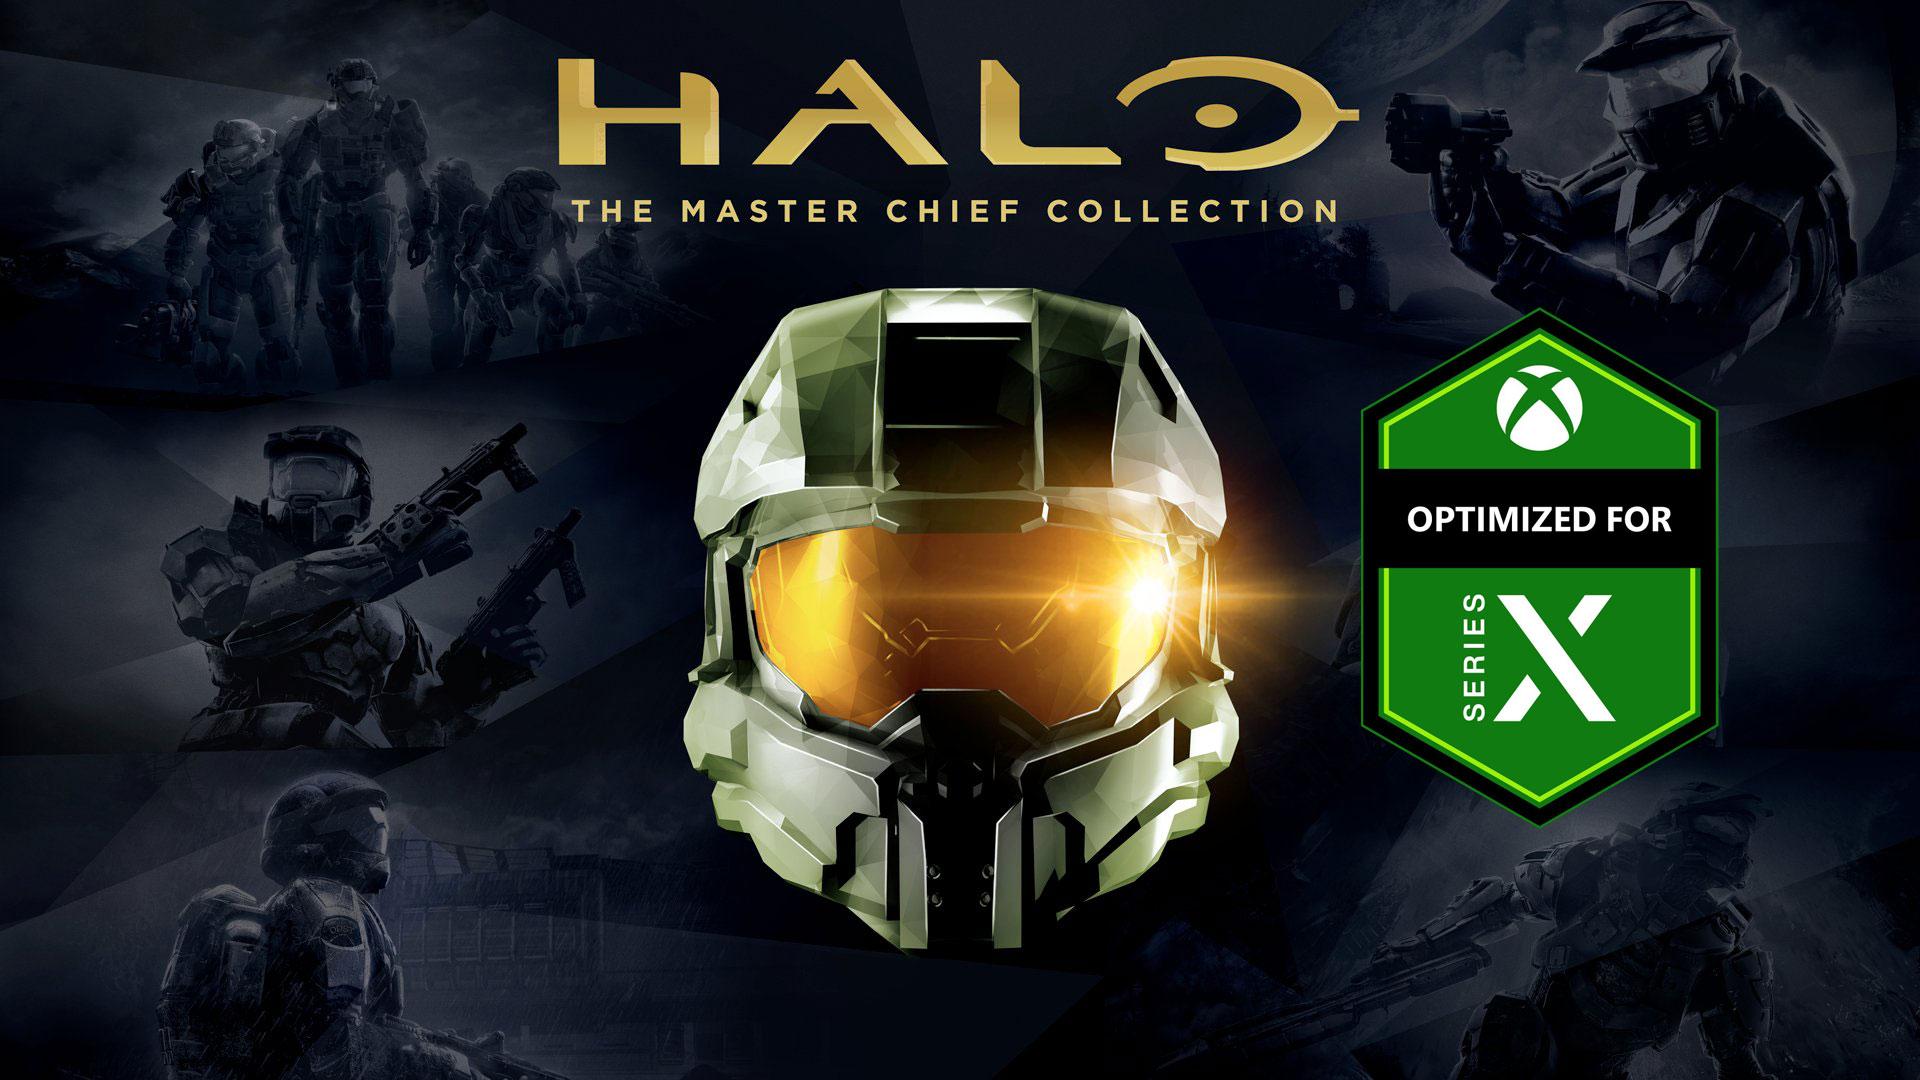 Halo The Master Chief Collection Season 6 Startet Im April Mit Zahlreichen Belohnungen